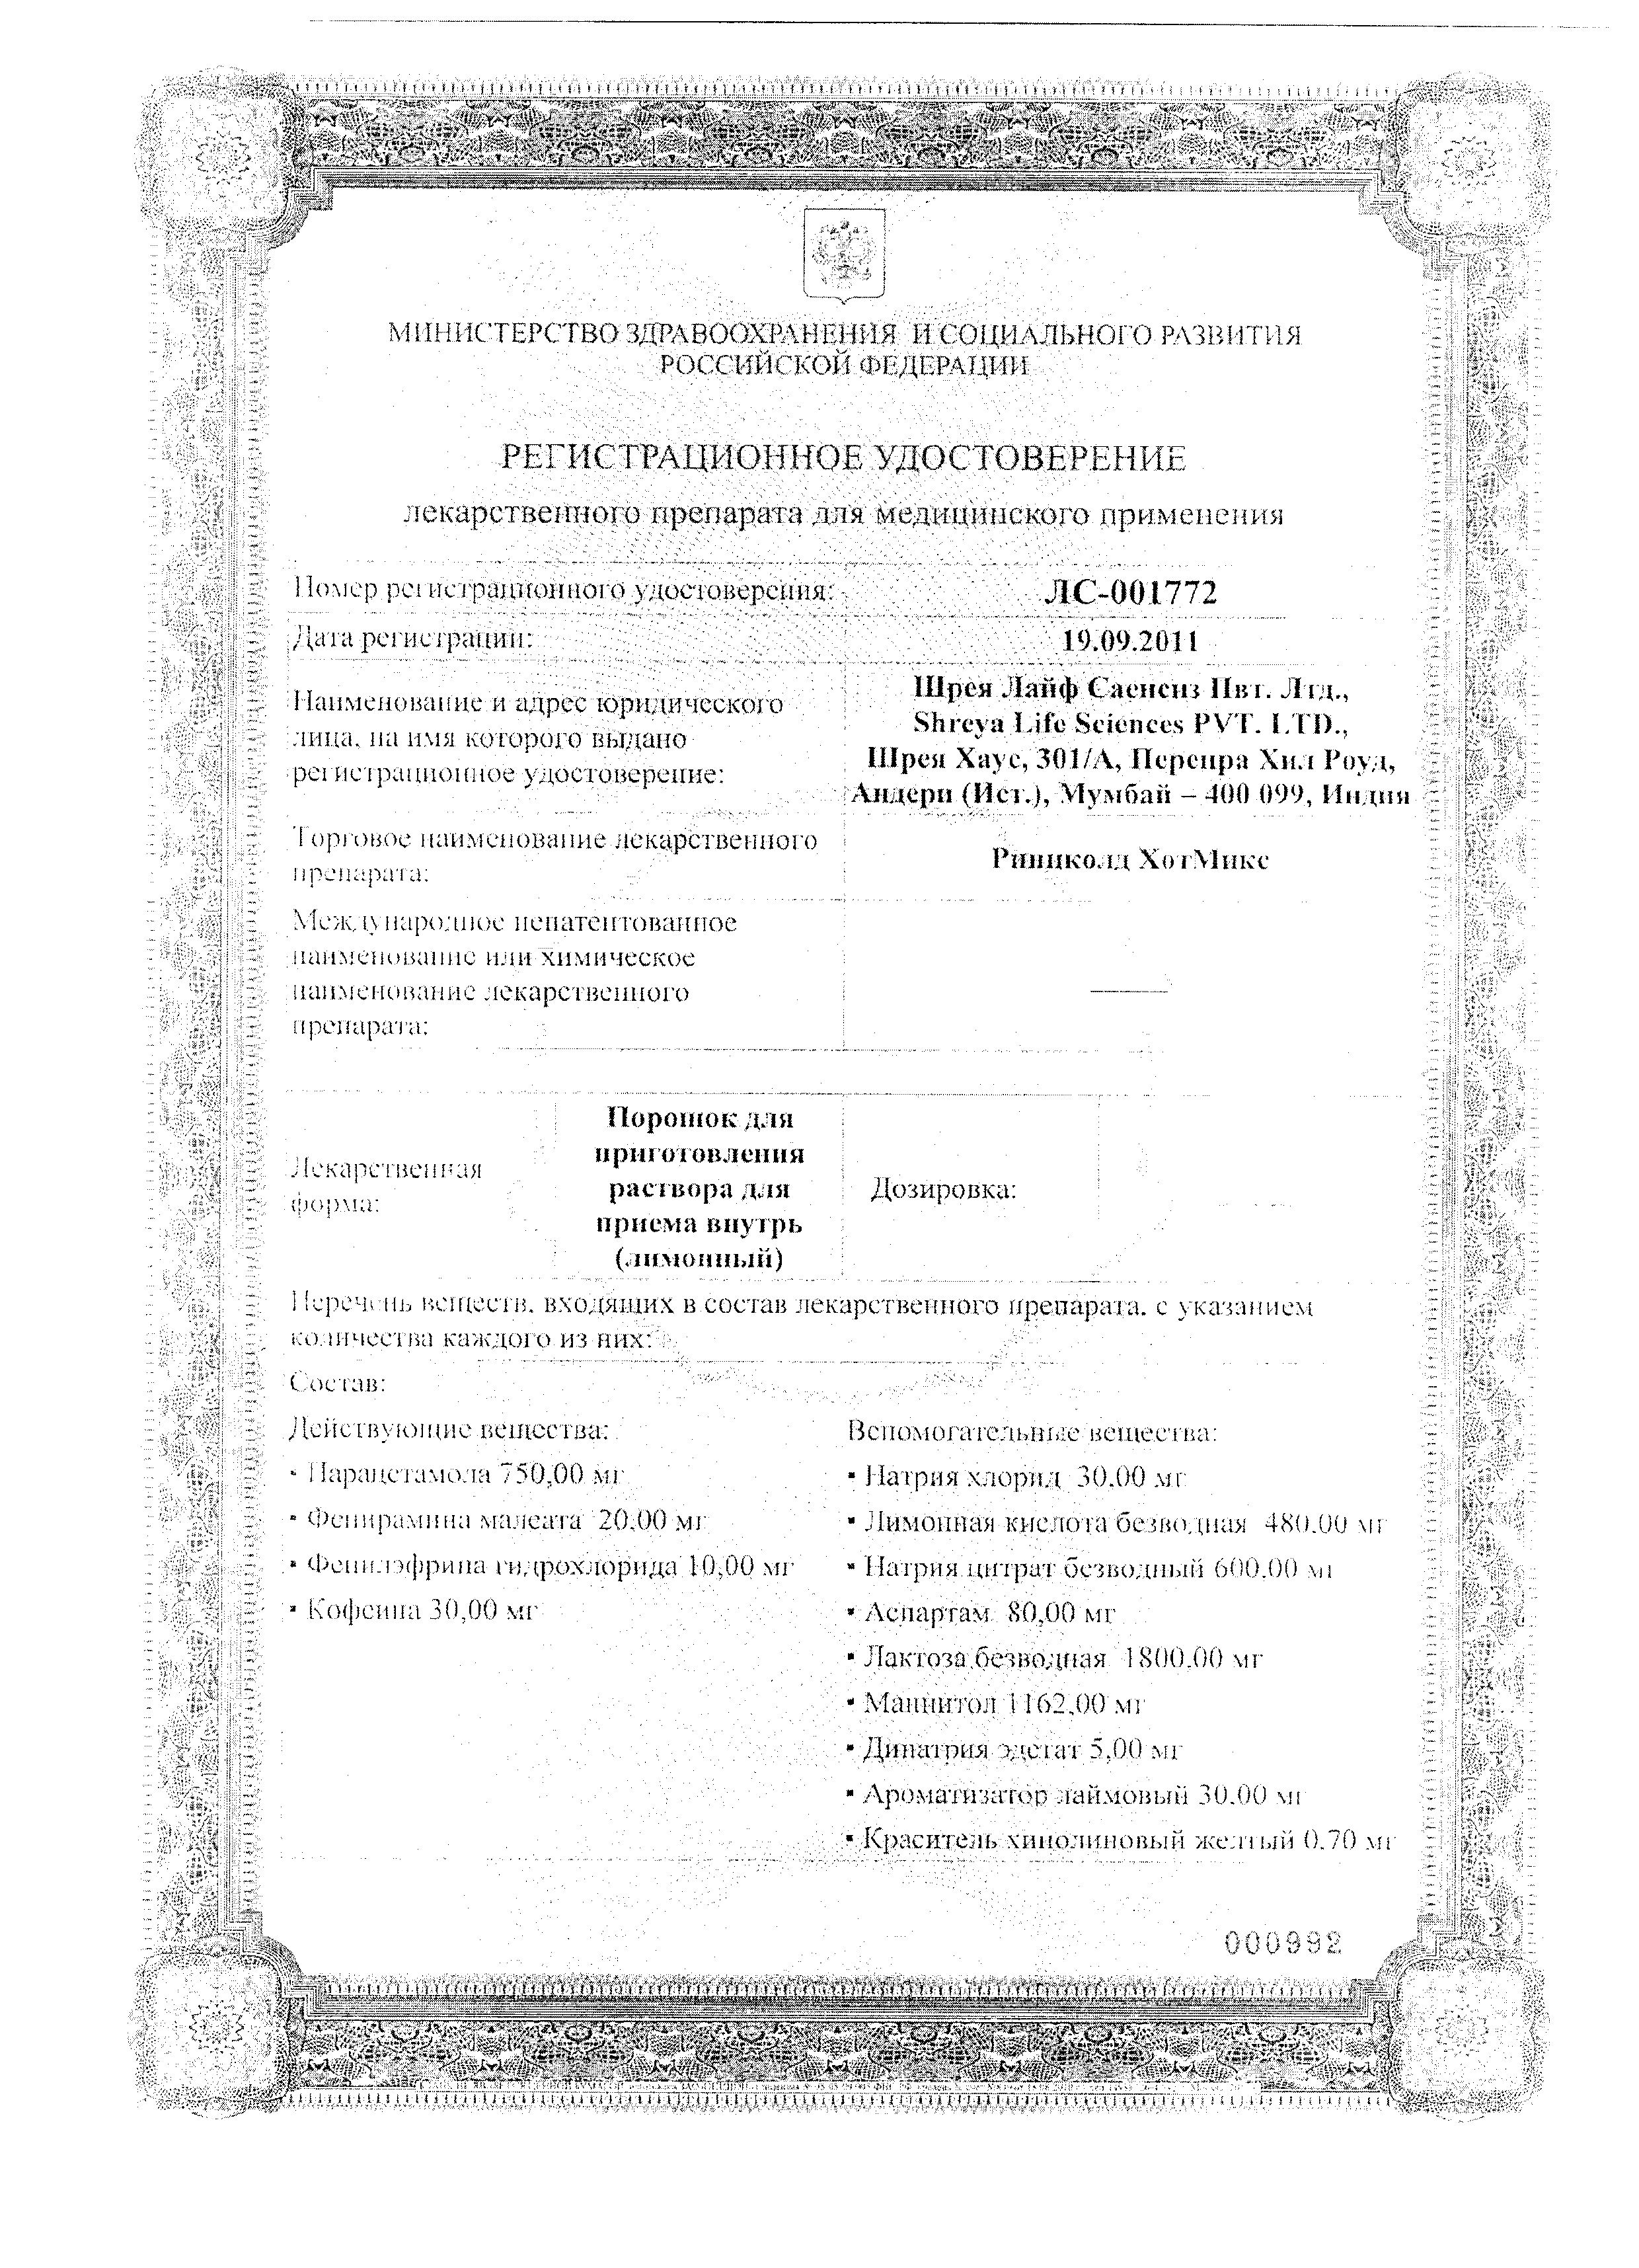 Риниколд ХотМикс сертификат